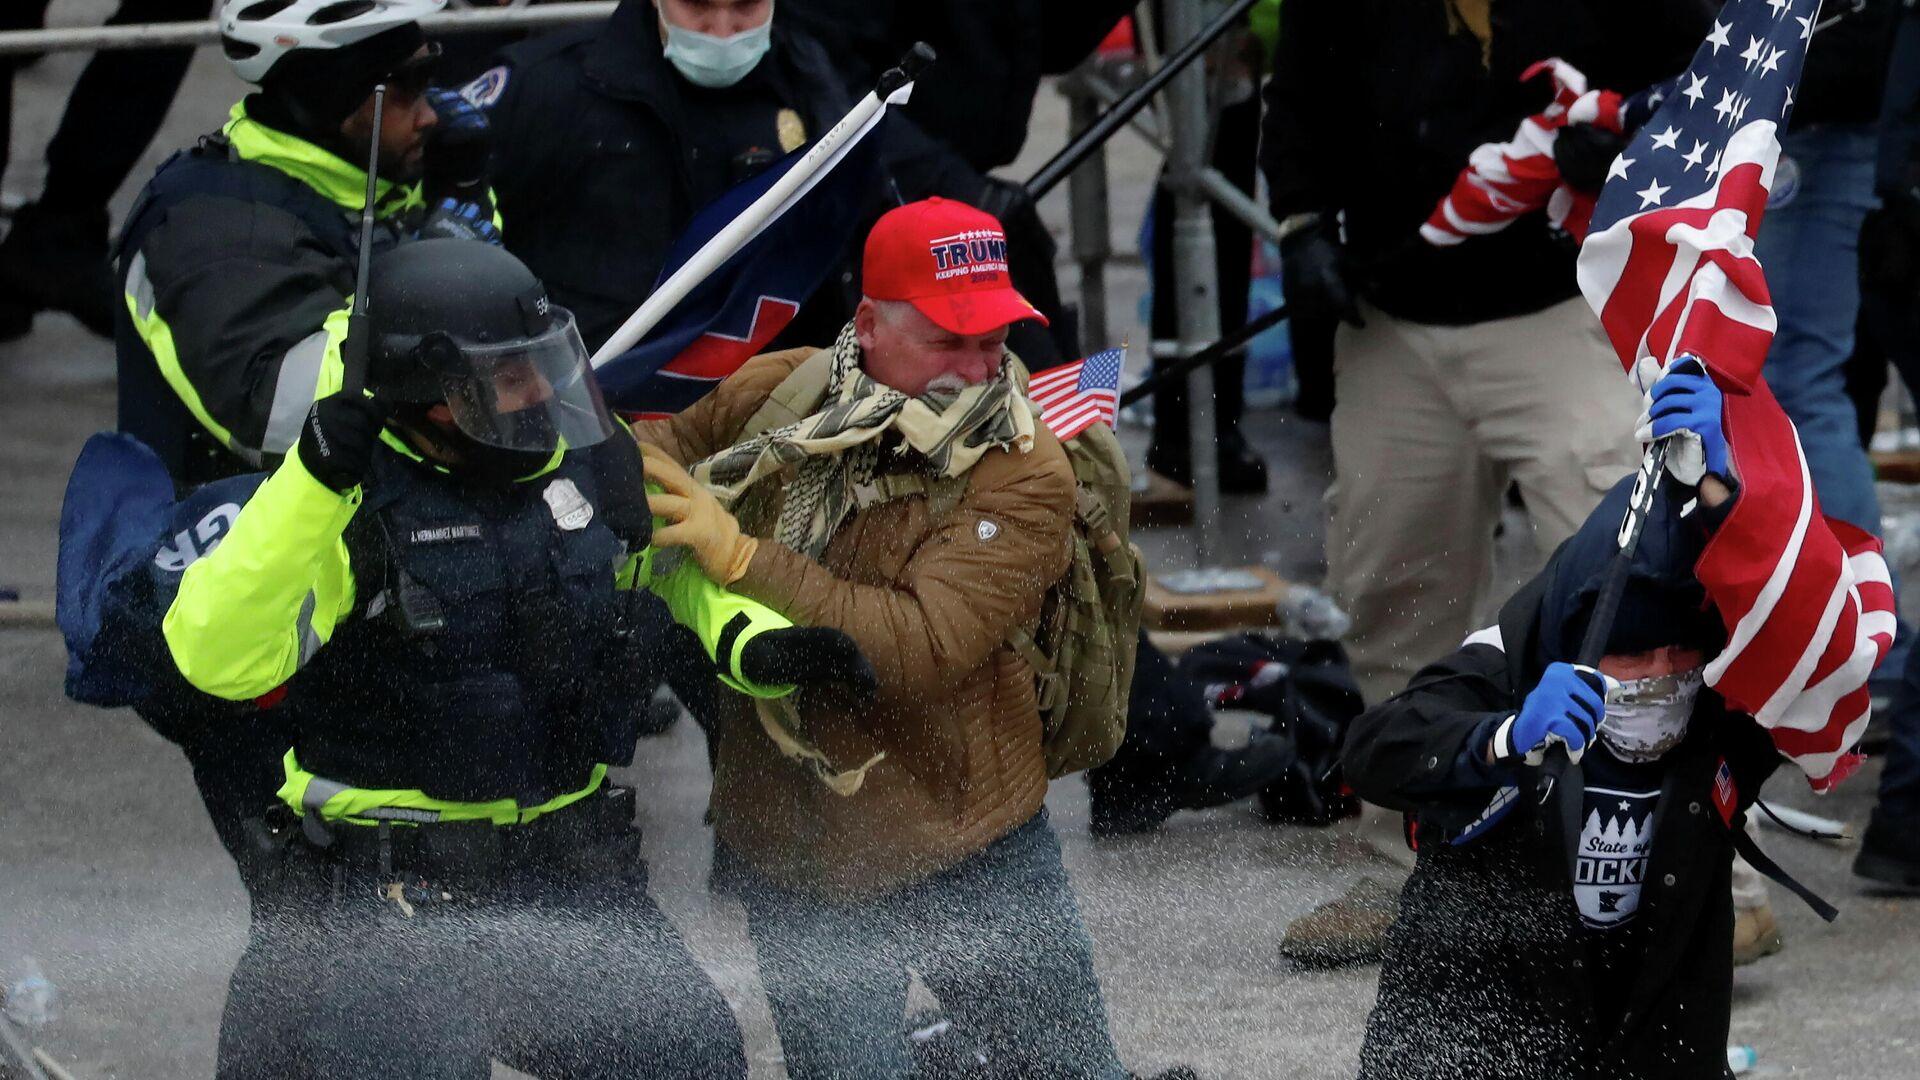 Участники акции протеста сторонников Дональда Трампа и сотрудники полиции у здания Конгресса США в Вашингтоне - РИА Новости, 1920, 09.01.2021